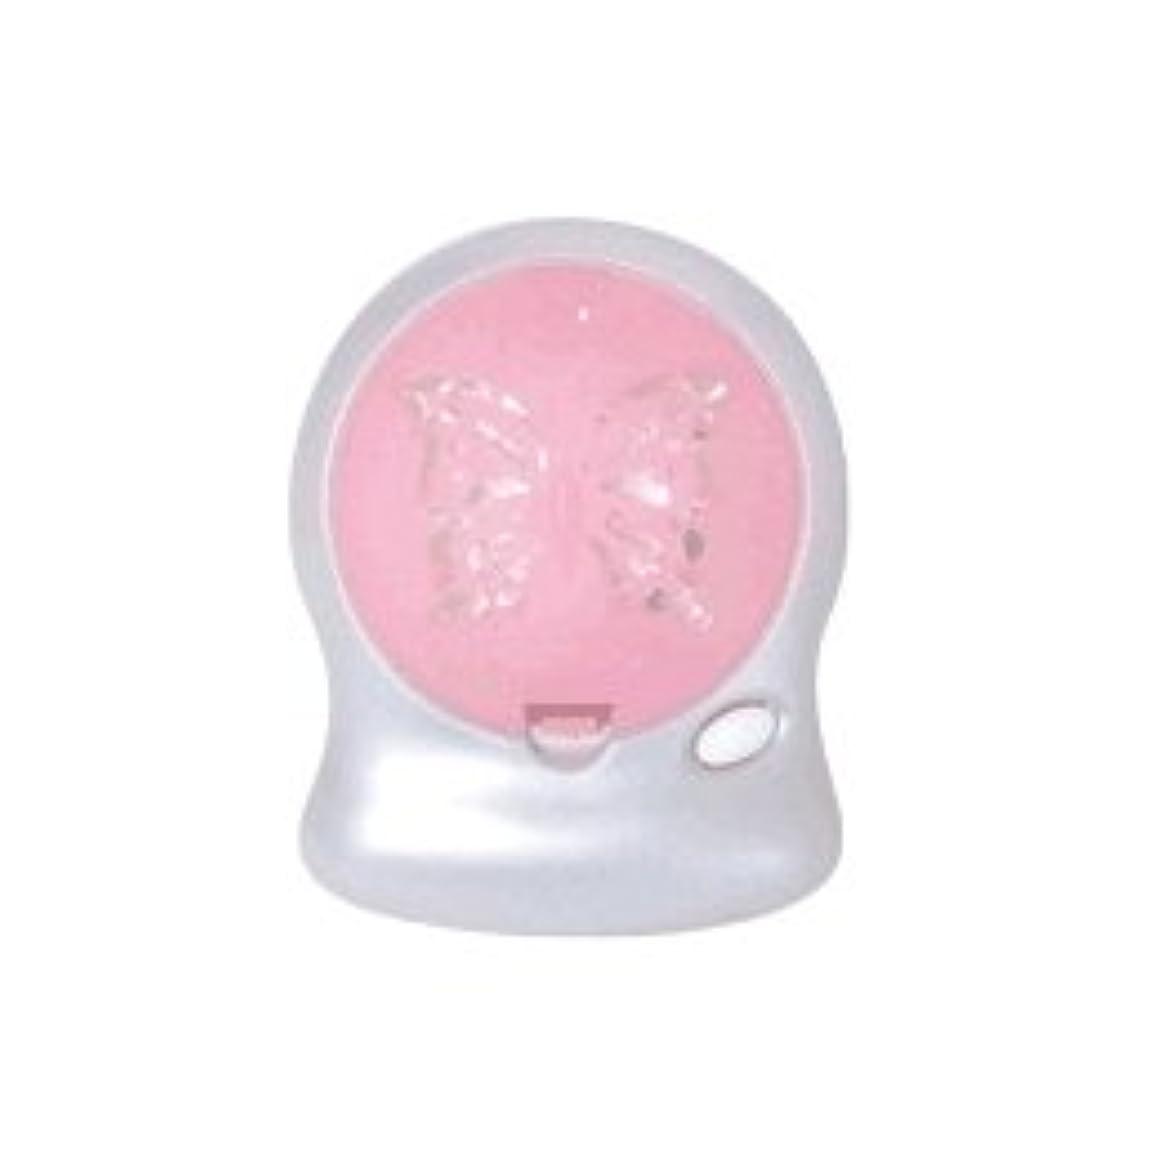 さようなら線形ブロックアロマブリーズ Nova t Jill (蝶柄) ピンク オフタイマー付モバイルファン式芳香器